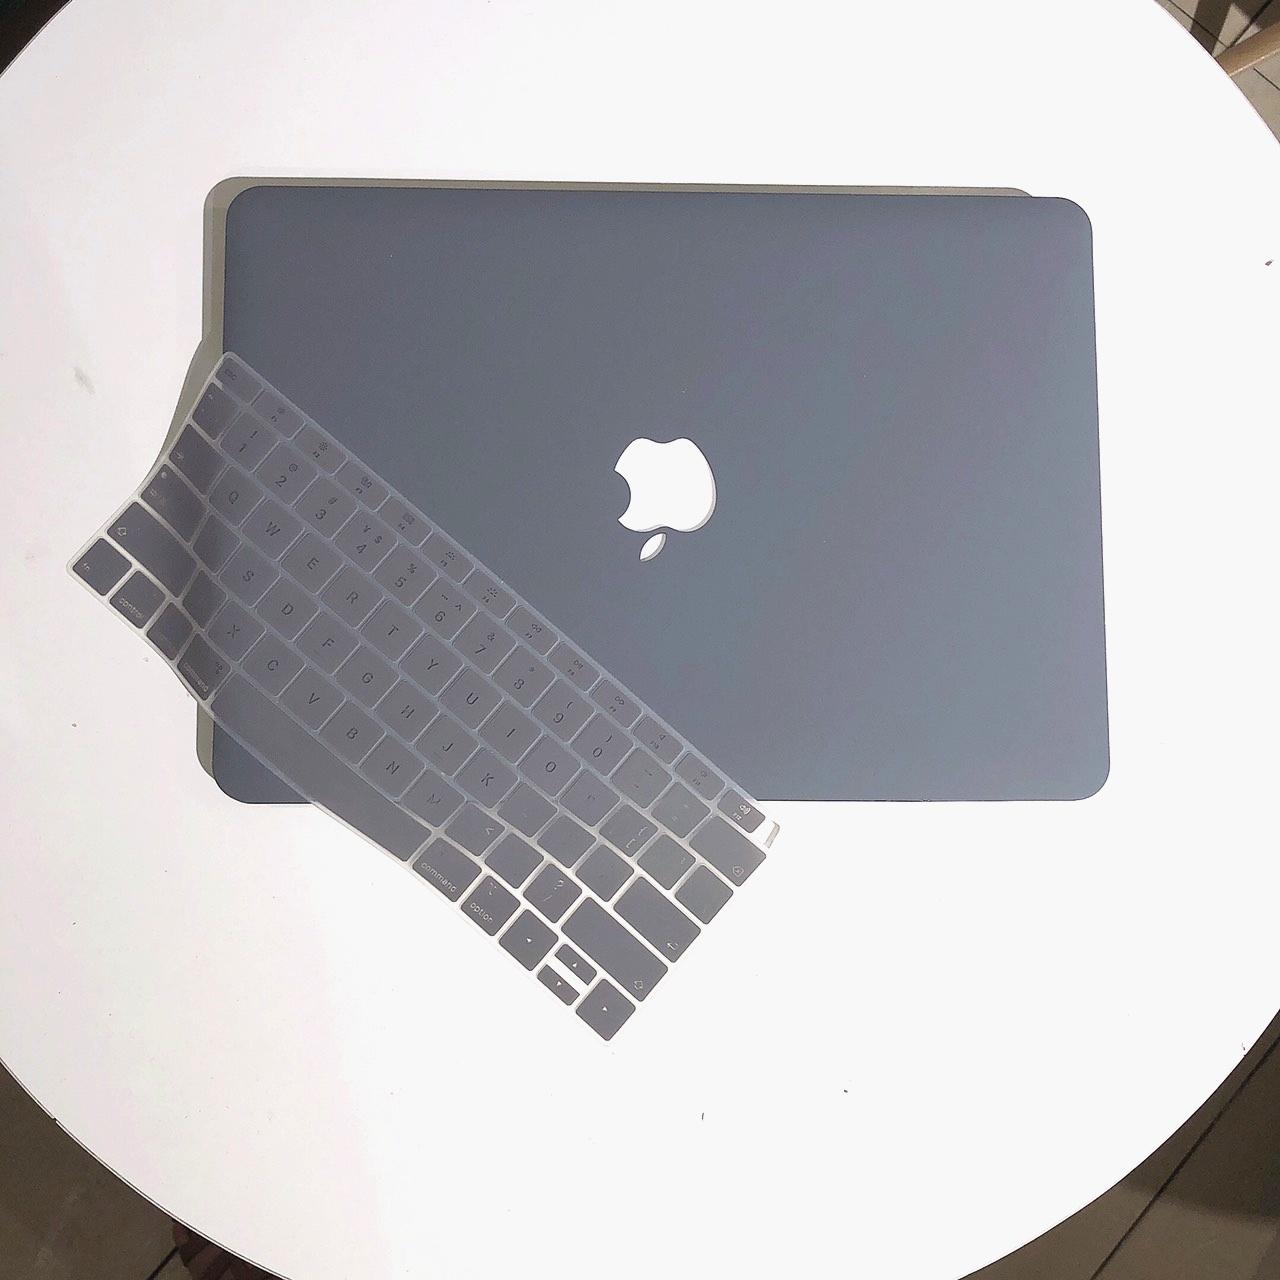 Combo ốp lưng và phủ phím cho Macbook cao cấp - Màu Xám